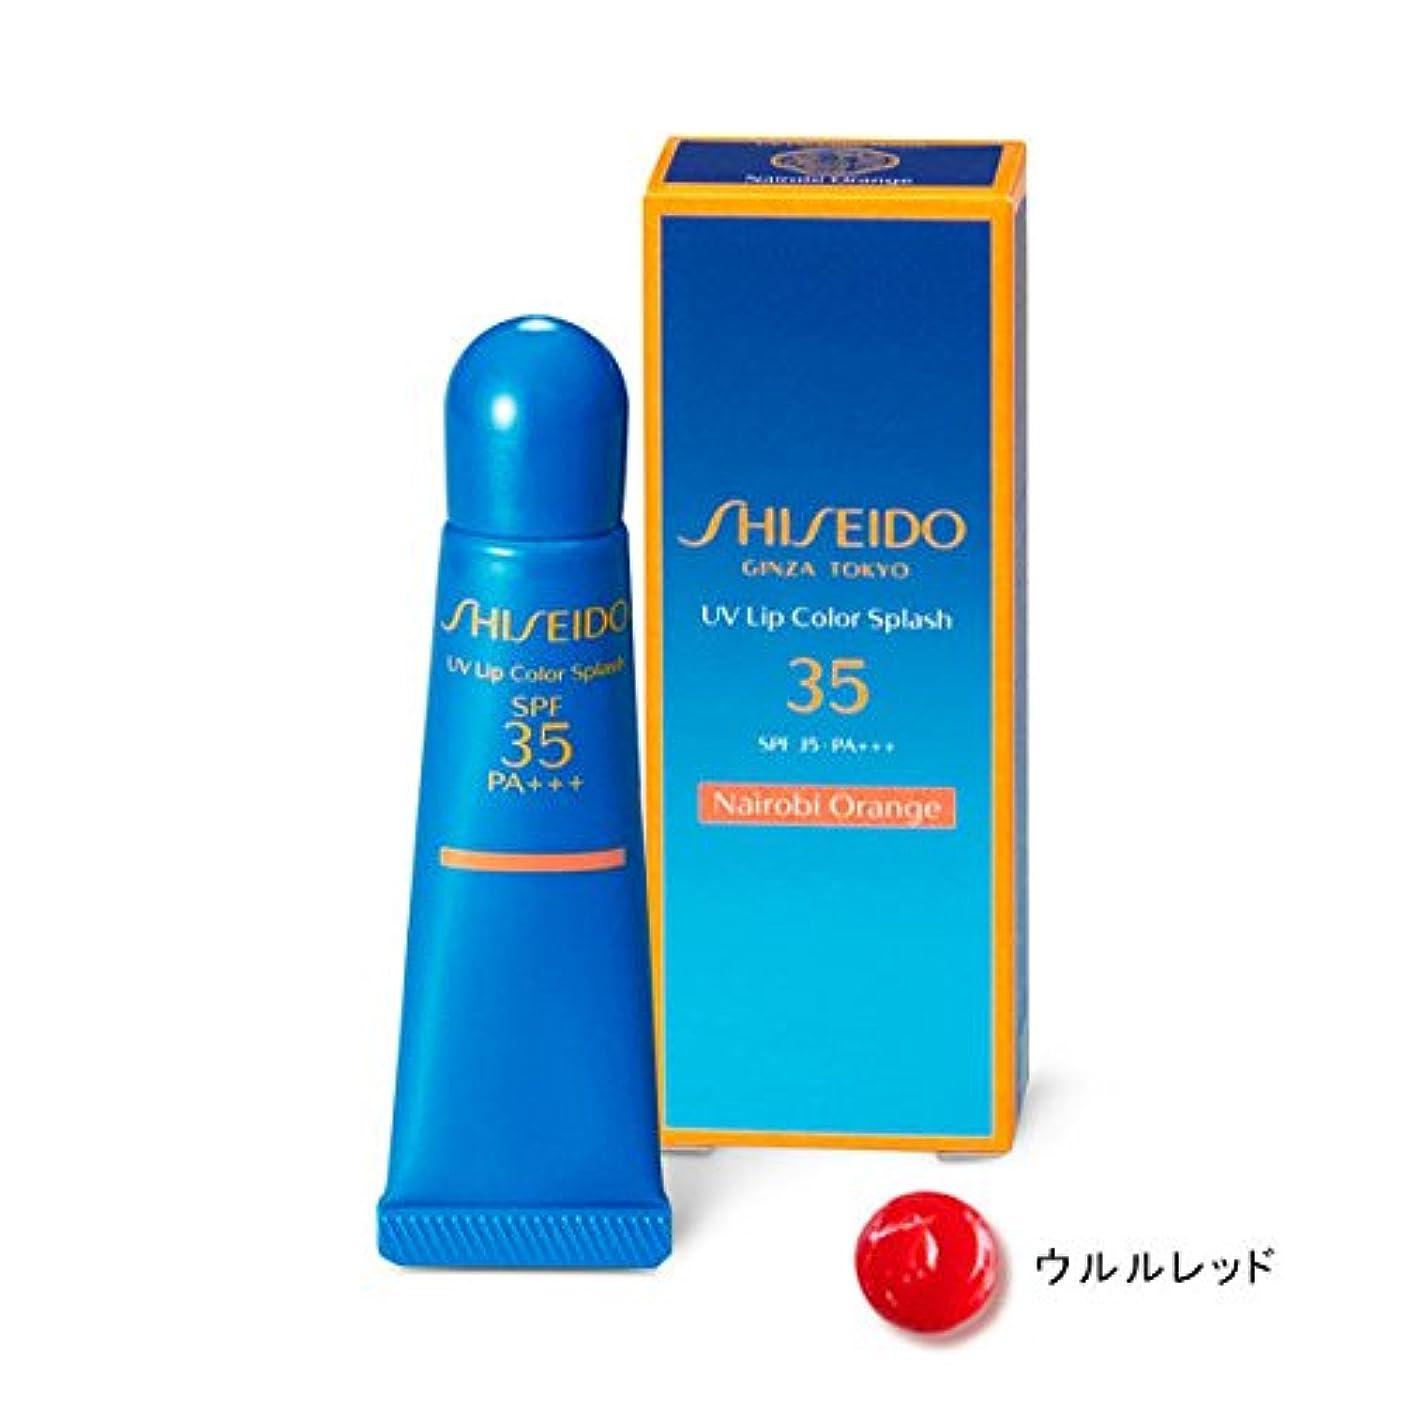 受信メモ助けてSHISEIDO Suncare(資生堂 サンケア) SHISEIDO(資生堂) UVリップカラースプラッシュ (ウルルレッド)